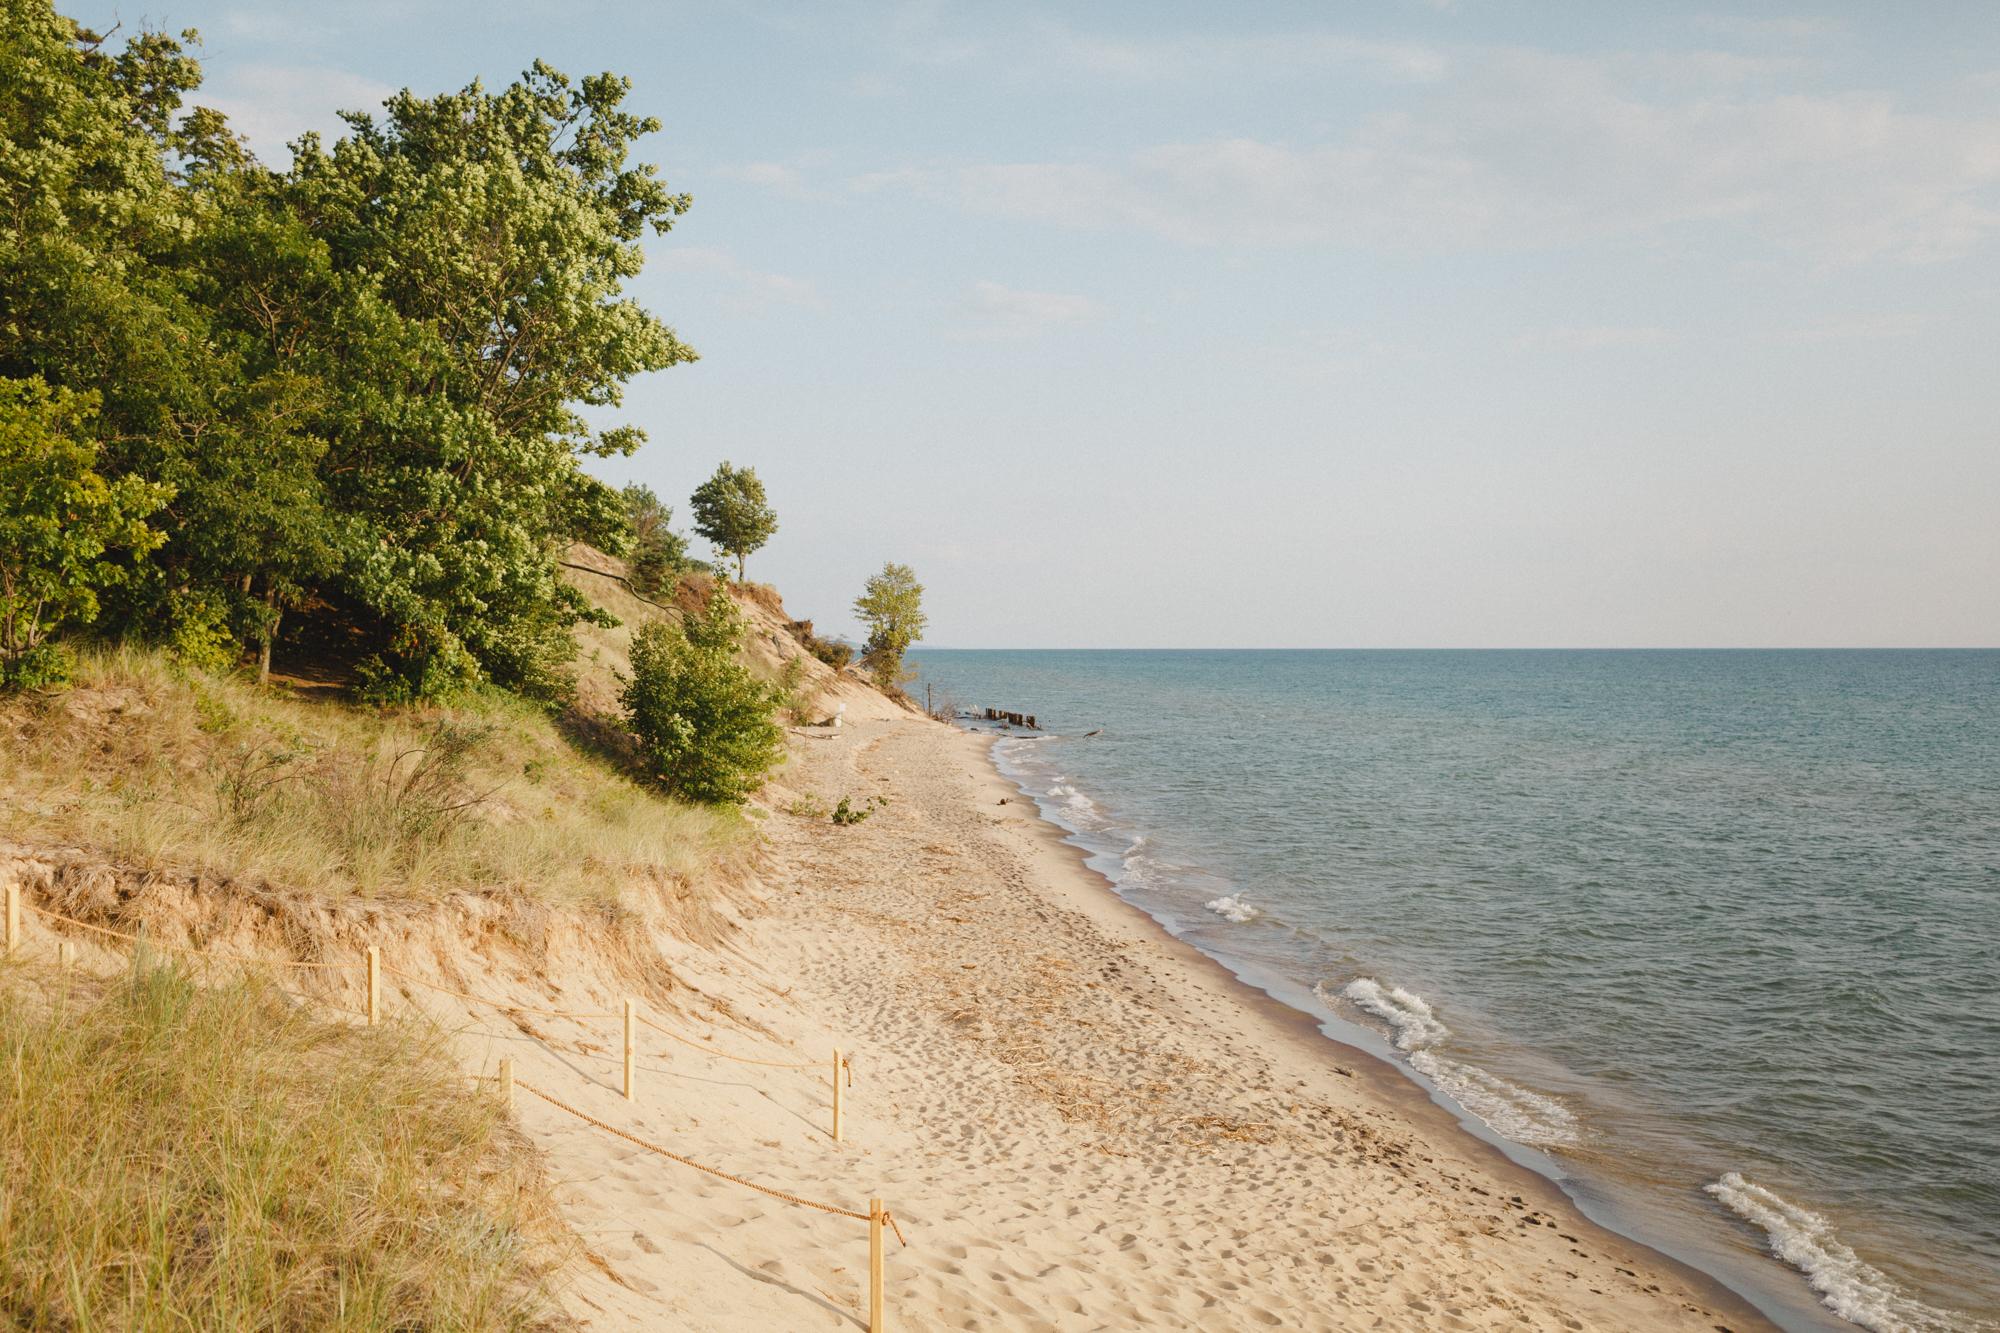 www.sarakrebsbach.com_rosy mound-46.jpg